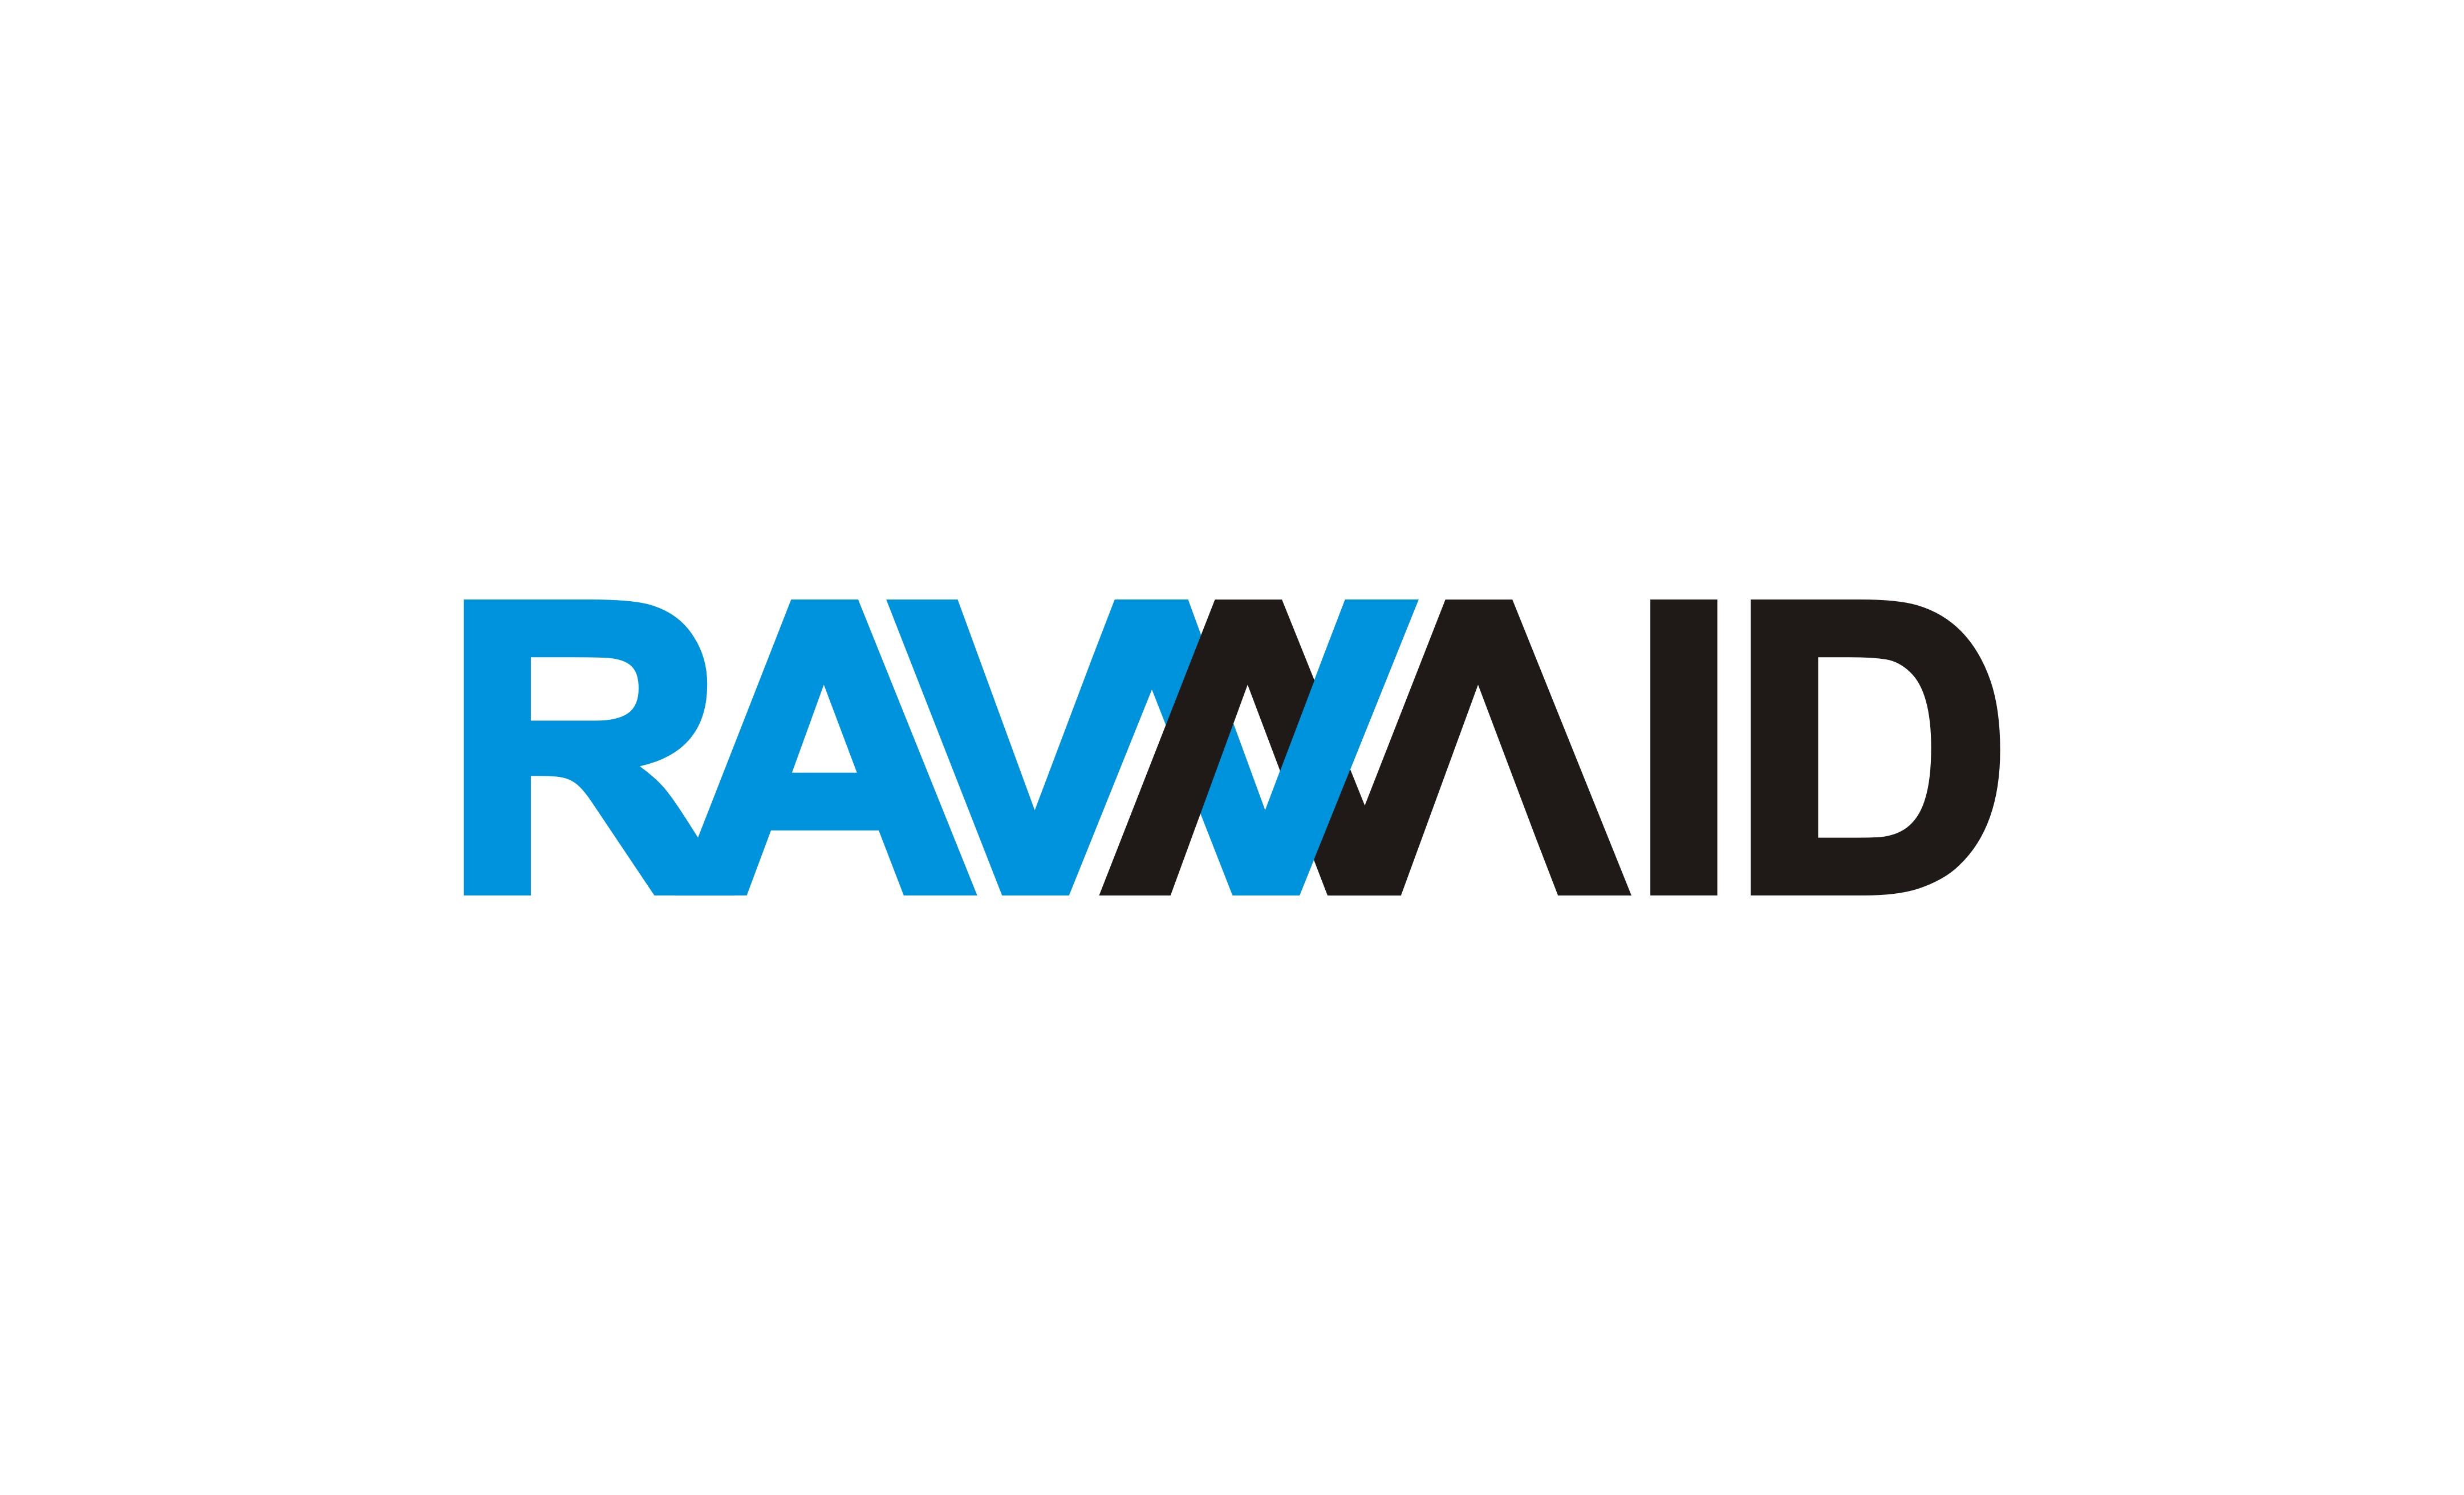 Создать логотип (буквенная часть) для бренда бытовой техники фото f_9905b33f807b4ee3.jpg